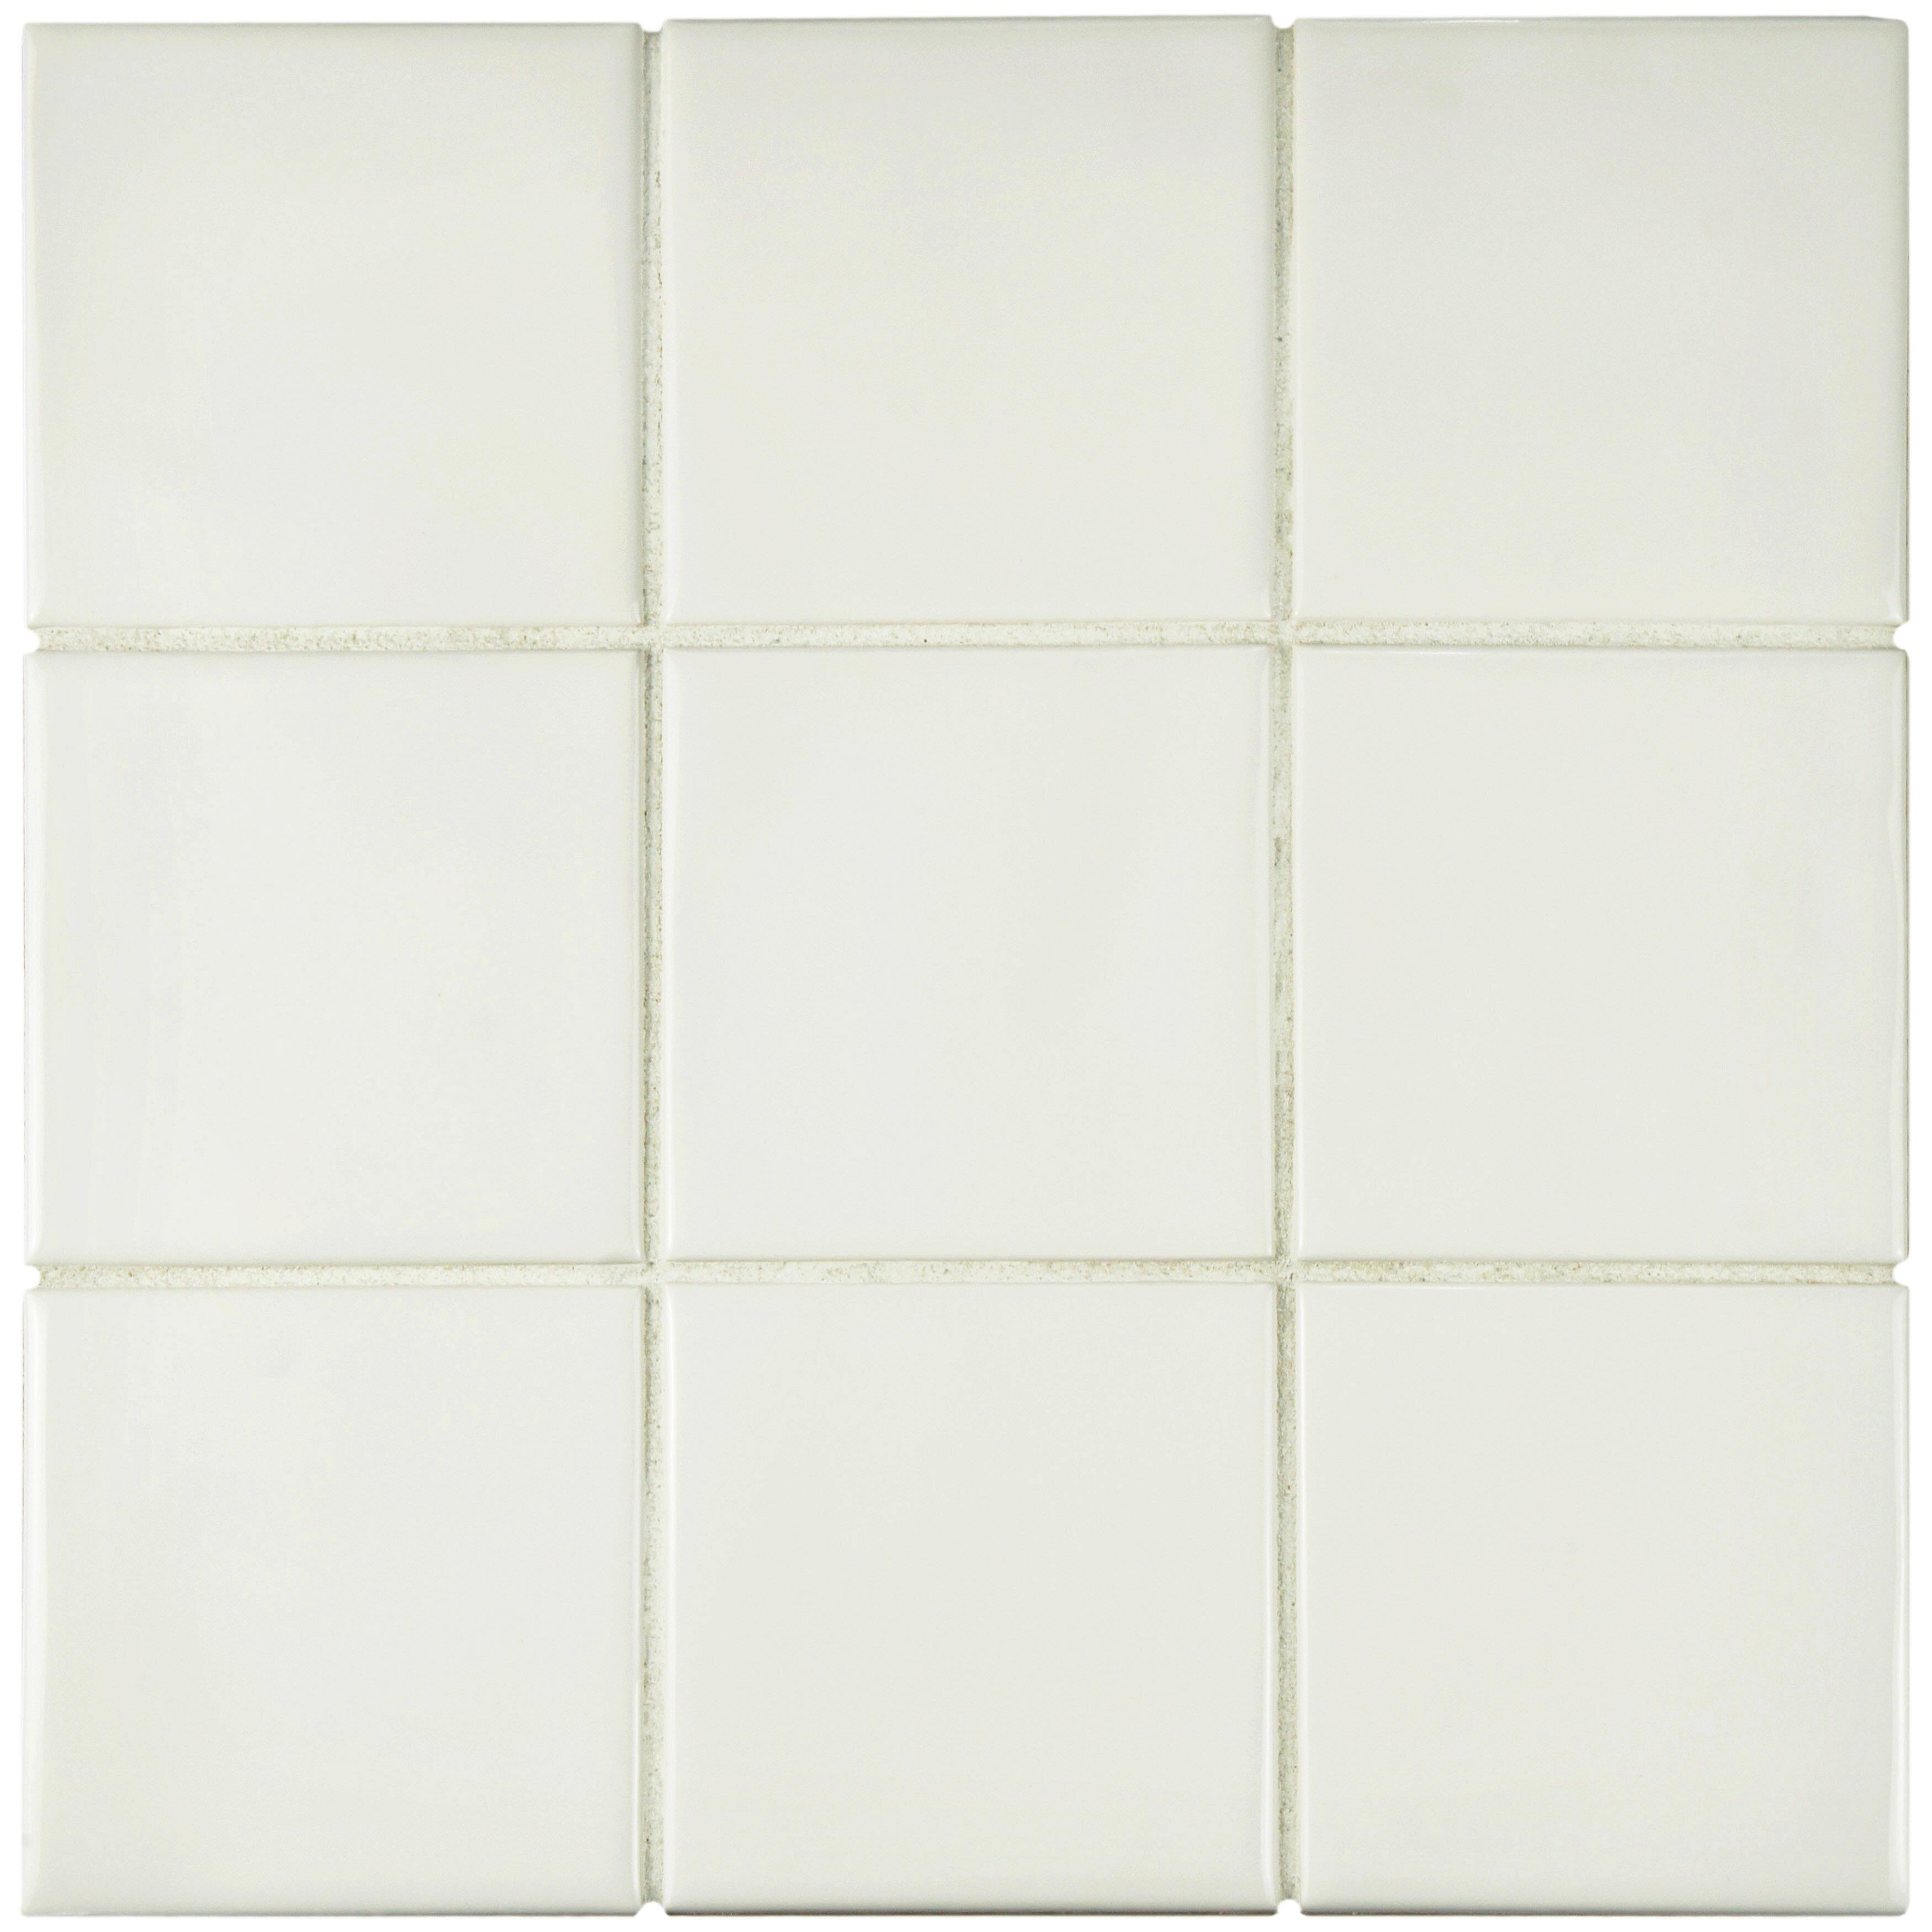 Elitetile Contour Square 375 X 375 Ceramic Field Tile In Soft